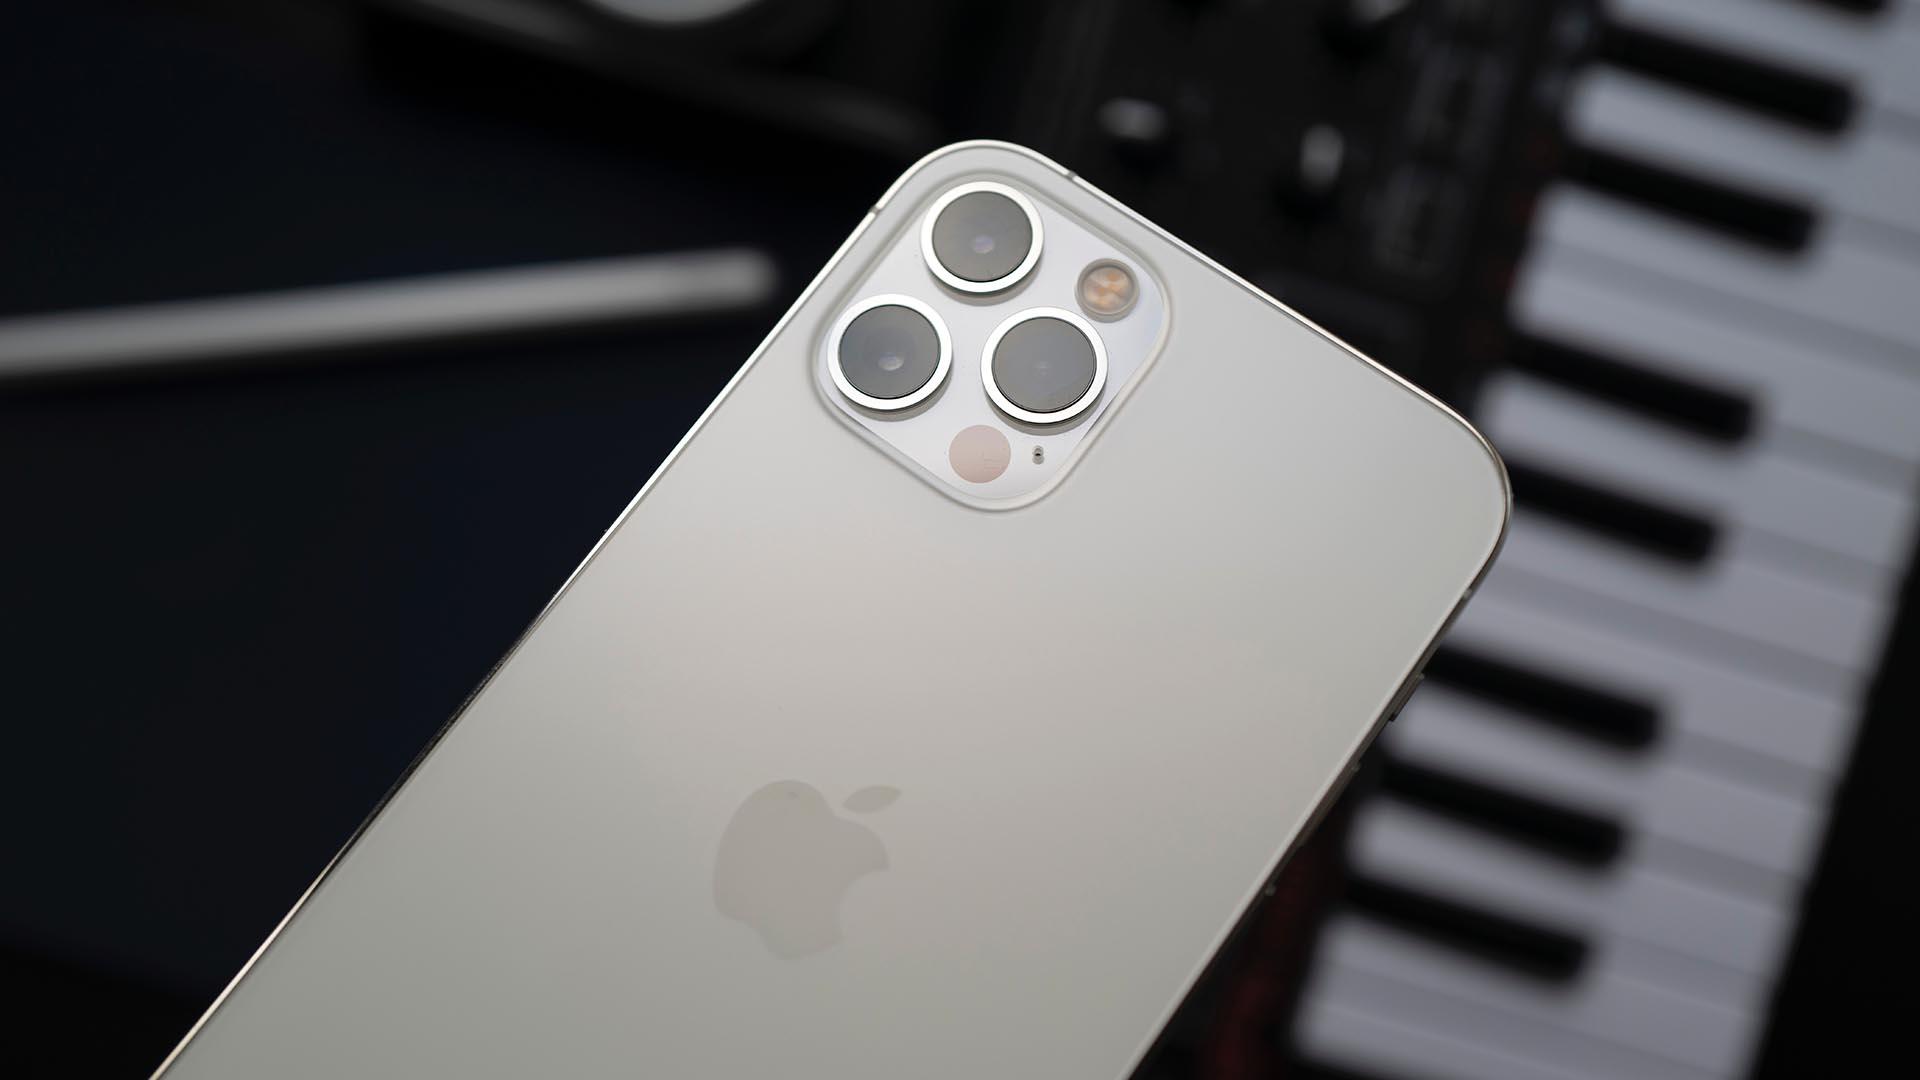 Слух: в iPhone 13 появится перископная камера